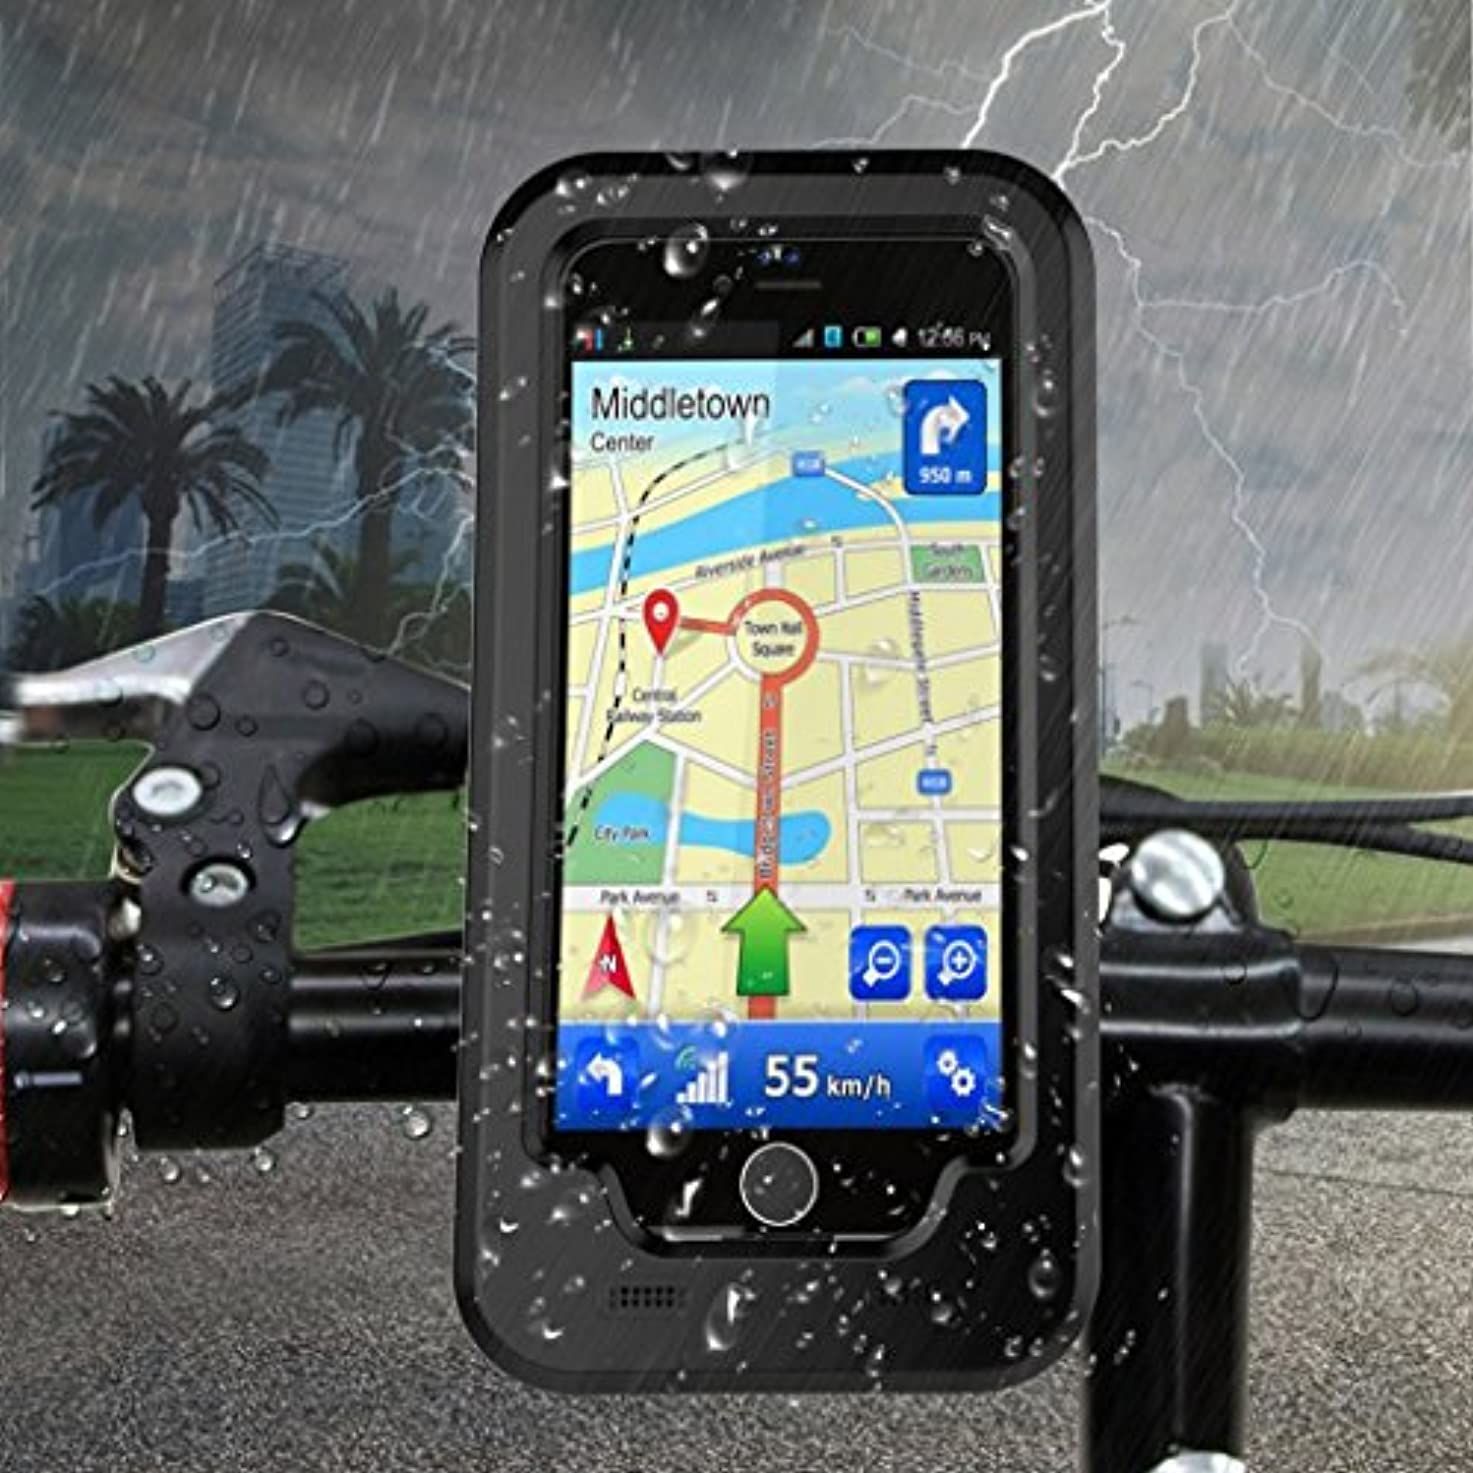 を必要としています予防接種災難防水バイクハンドルバー携帯電話ホルダーブラケット屋外ブラケットiPhone X 7 6s 8プラス5s自転車自転車GPS携帯電話パッケージ (色 : For iPhone 6s)